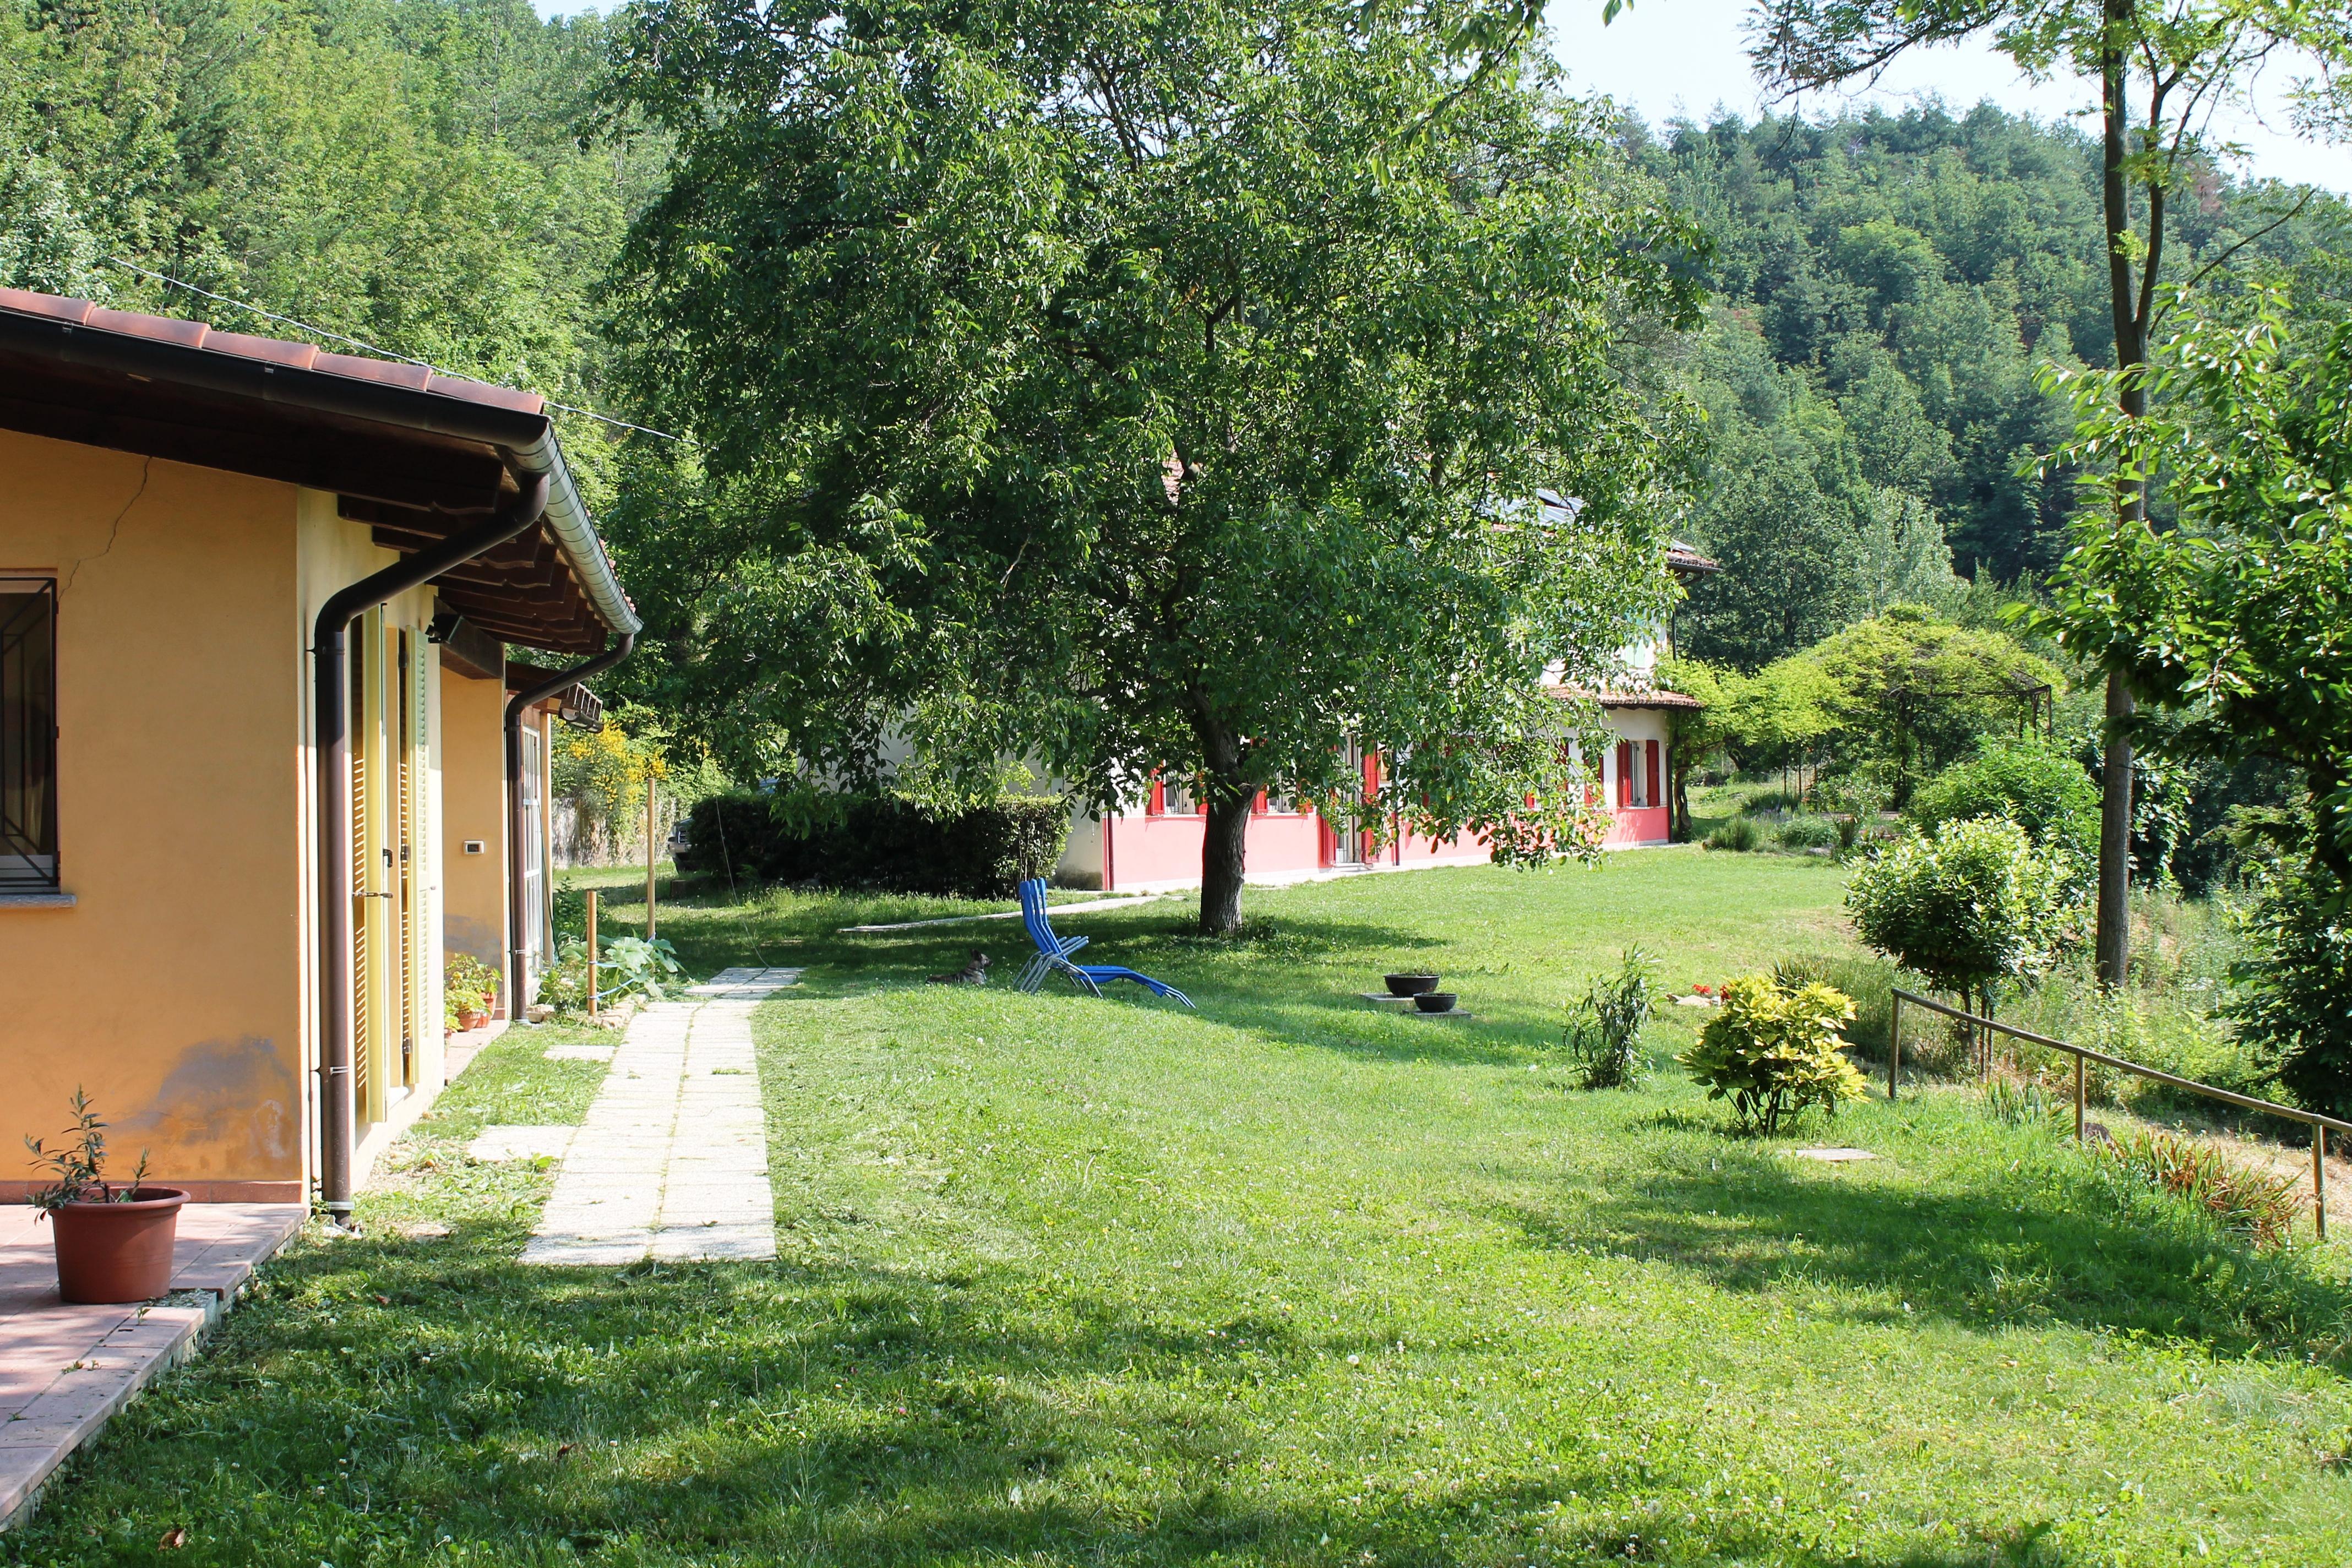 Asinistravolti è il nome del nostro B&B. Si trova sulle colline della Langa astigiana.